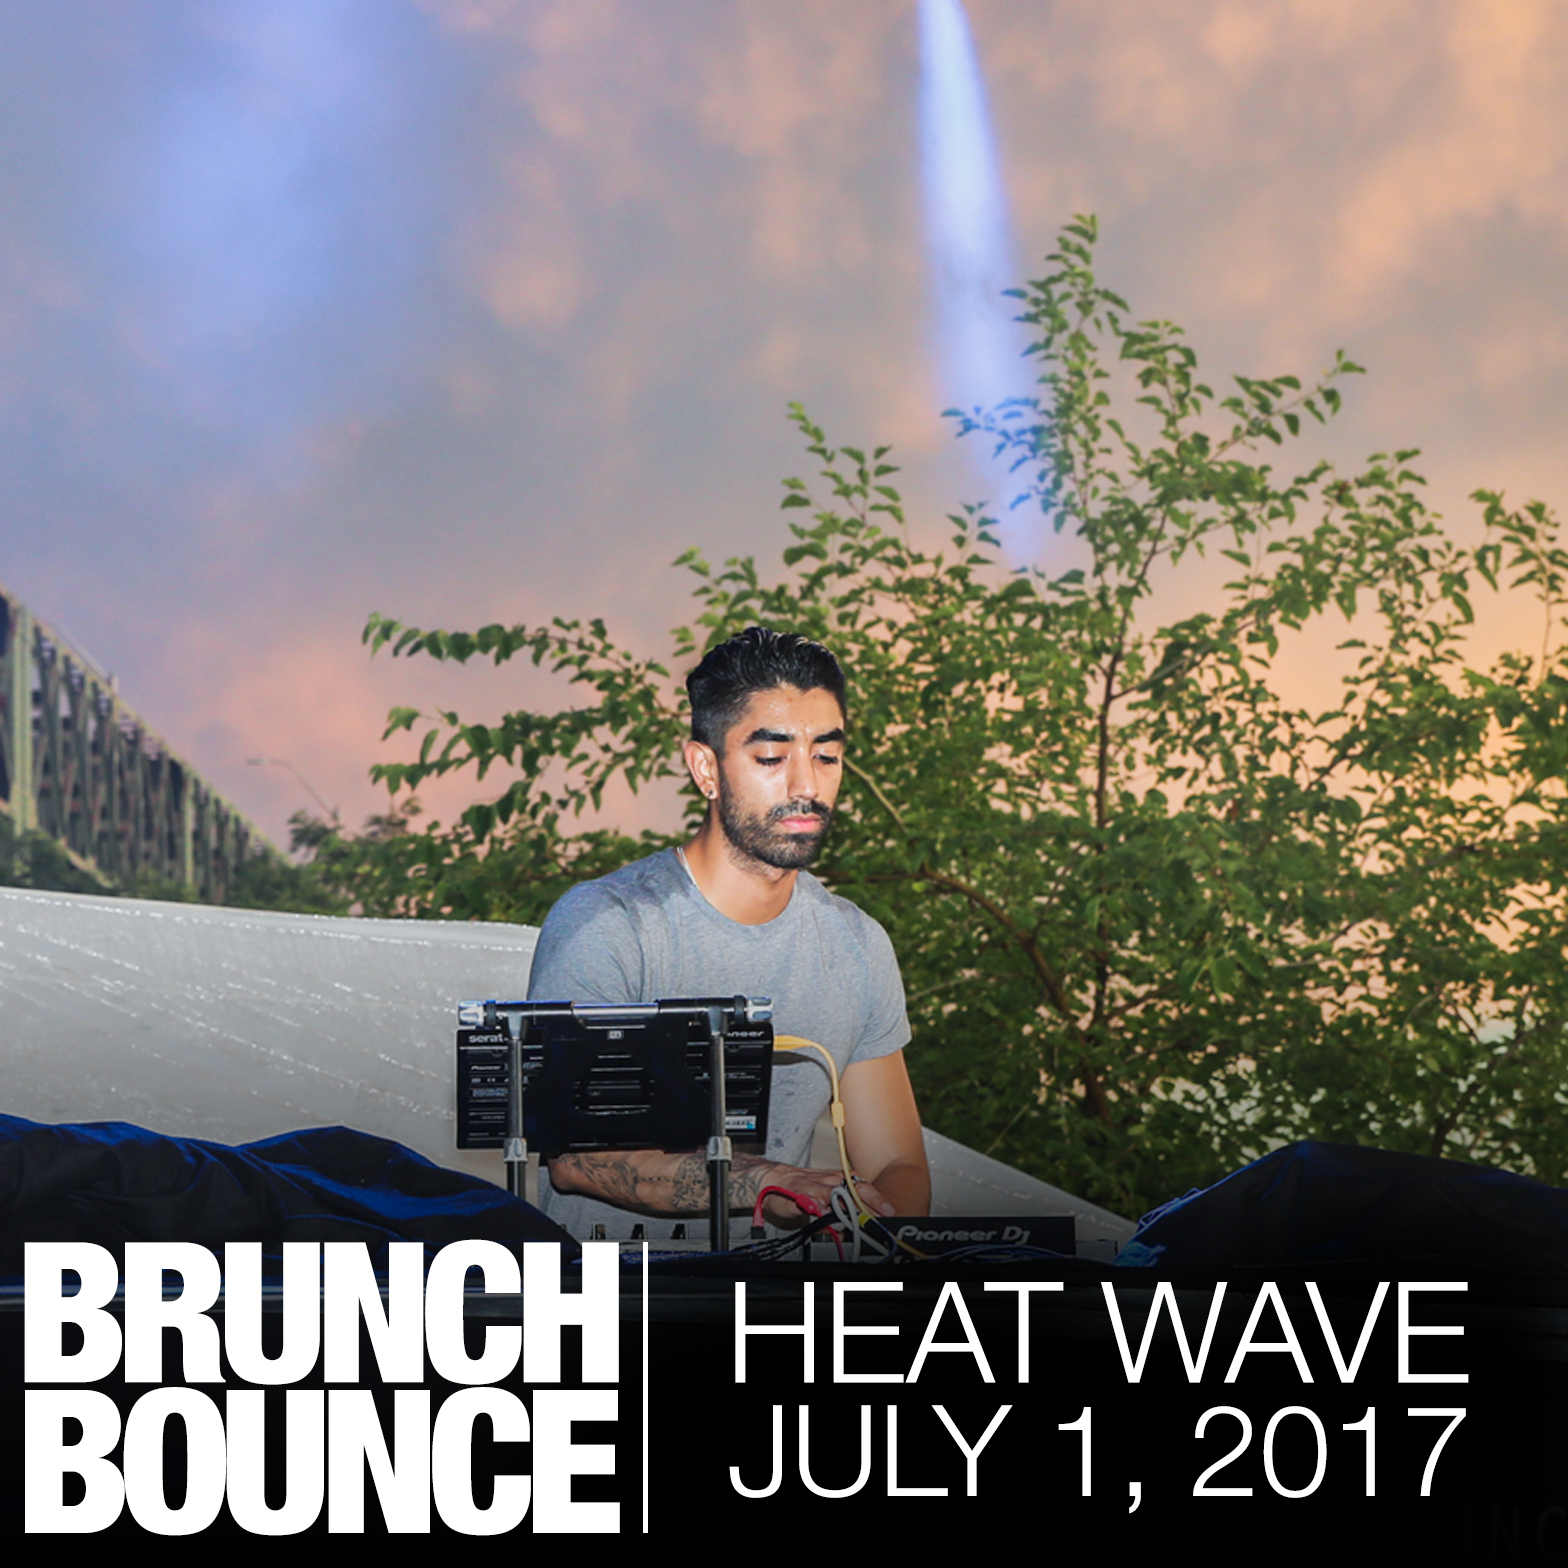 Brunch Bounce Heat Wave 7.1.17